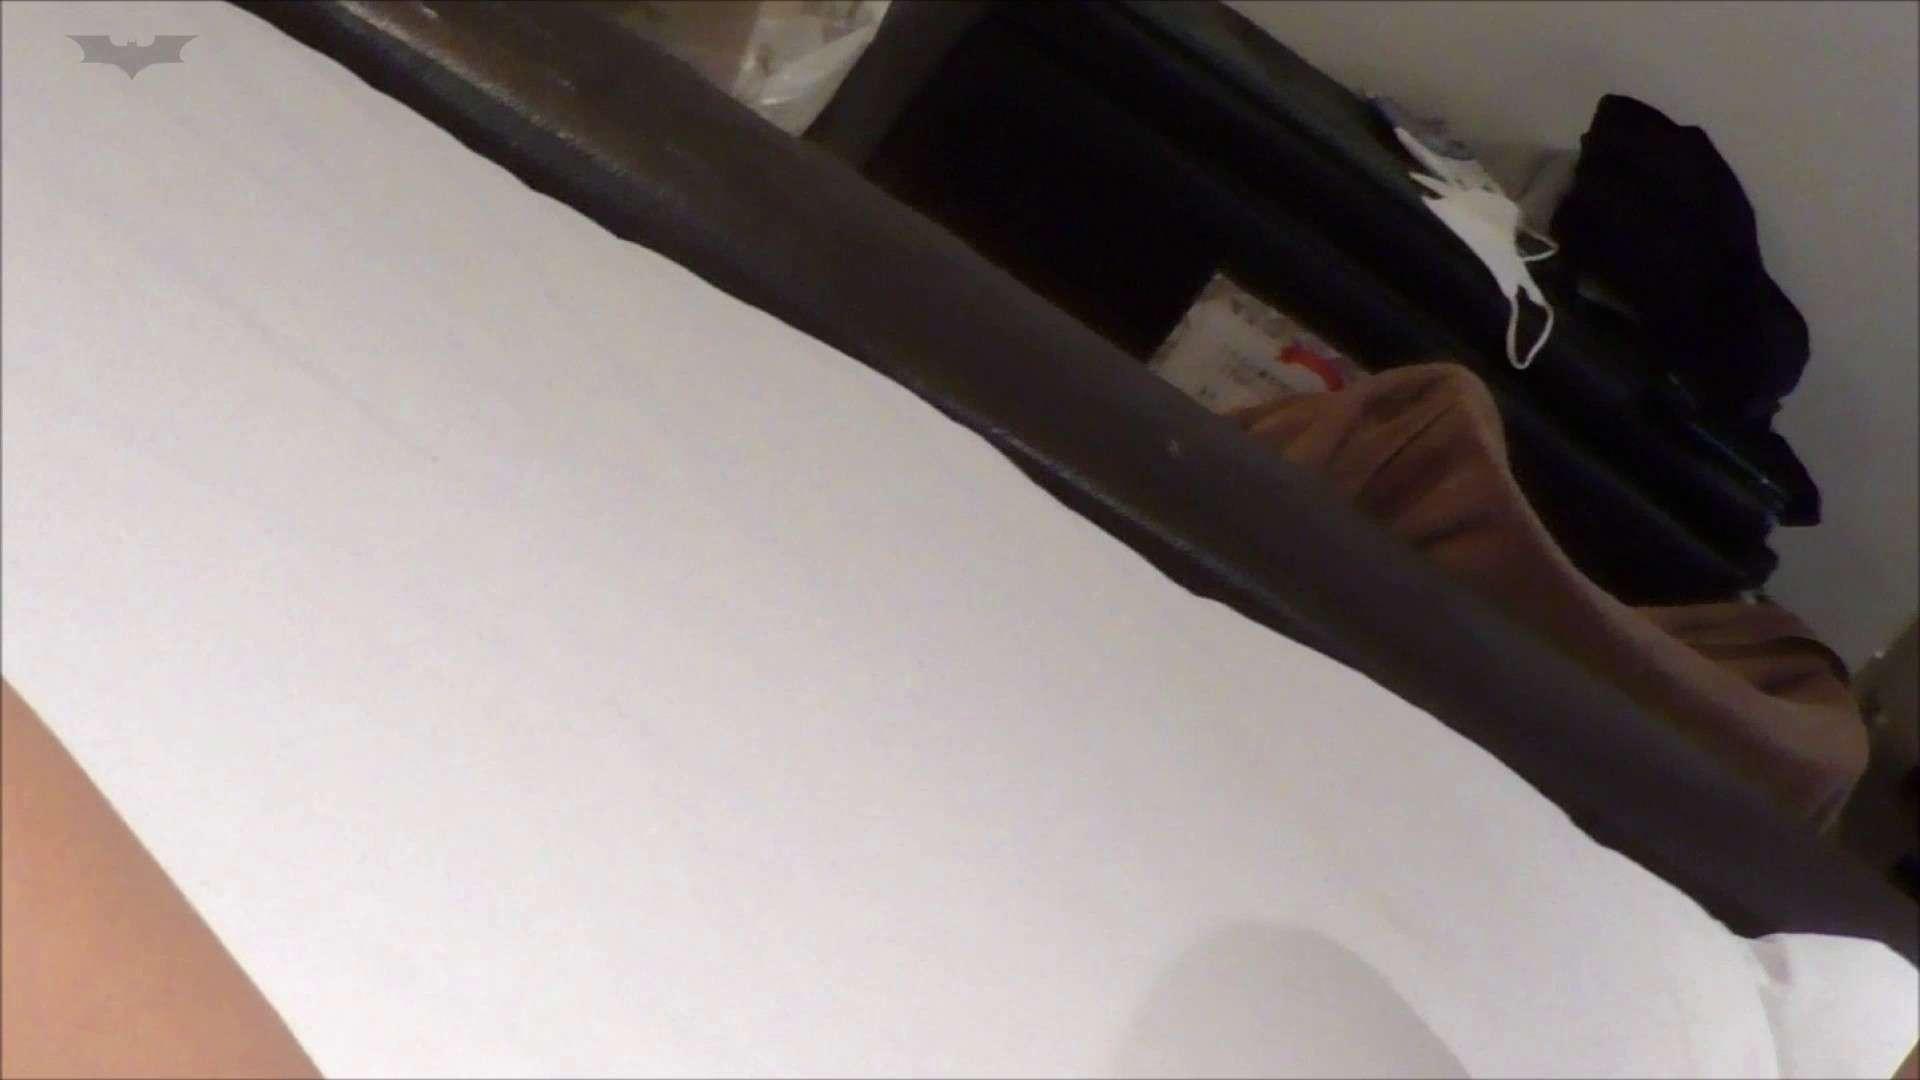 内緒でデリヘル盗撮 Vol.03中編 美肌、美人のデリ嬢にいよいよ挿入! 美肌 隠し撮りオマンコ動画紹介 93pic 63